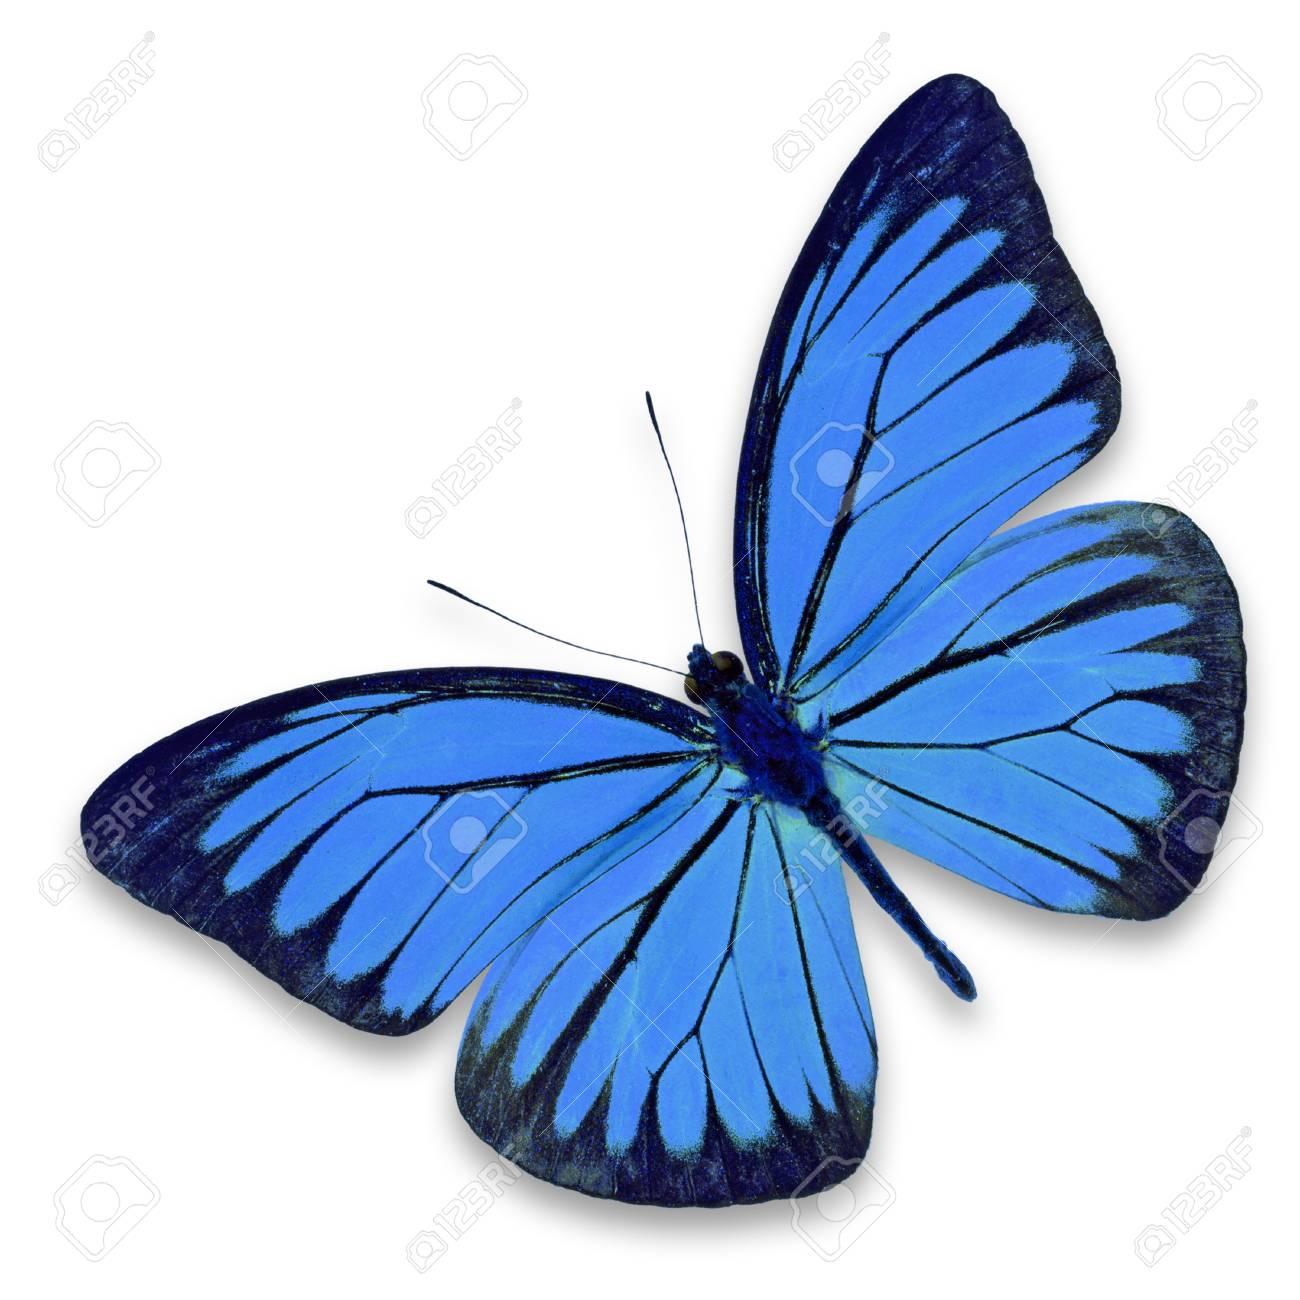 Immagini Stock Bella Farfalla Blu Isolato Su Sfondo Bianco Image